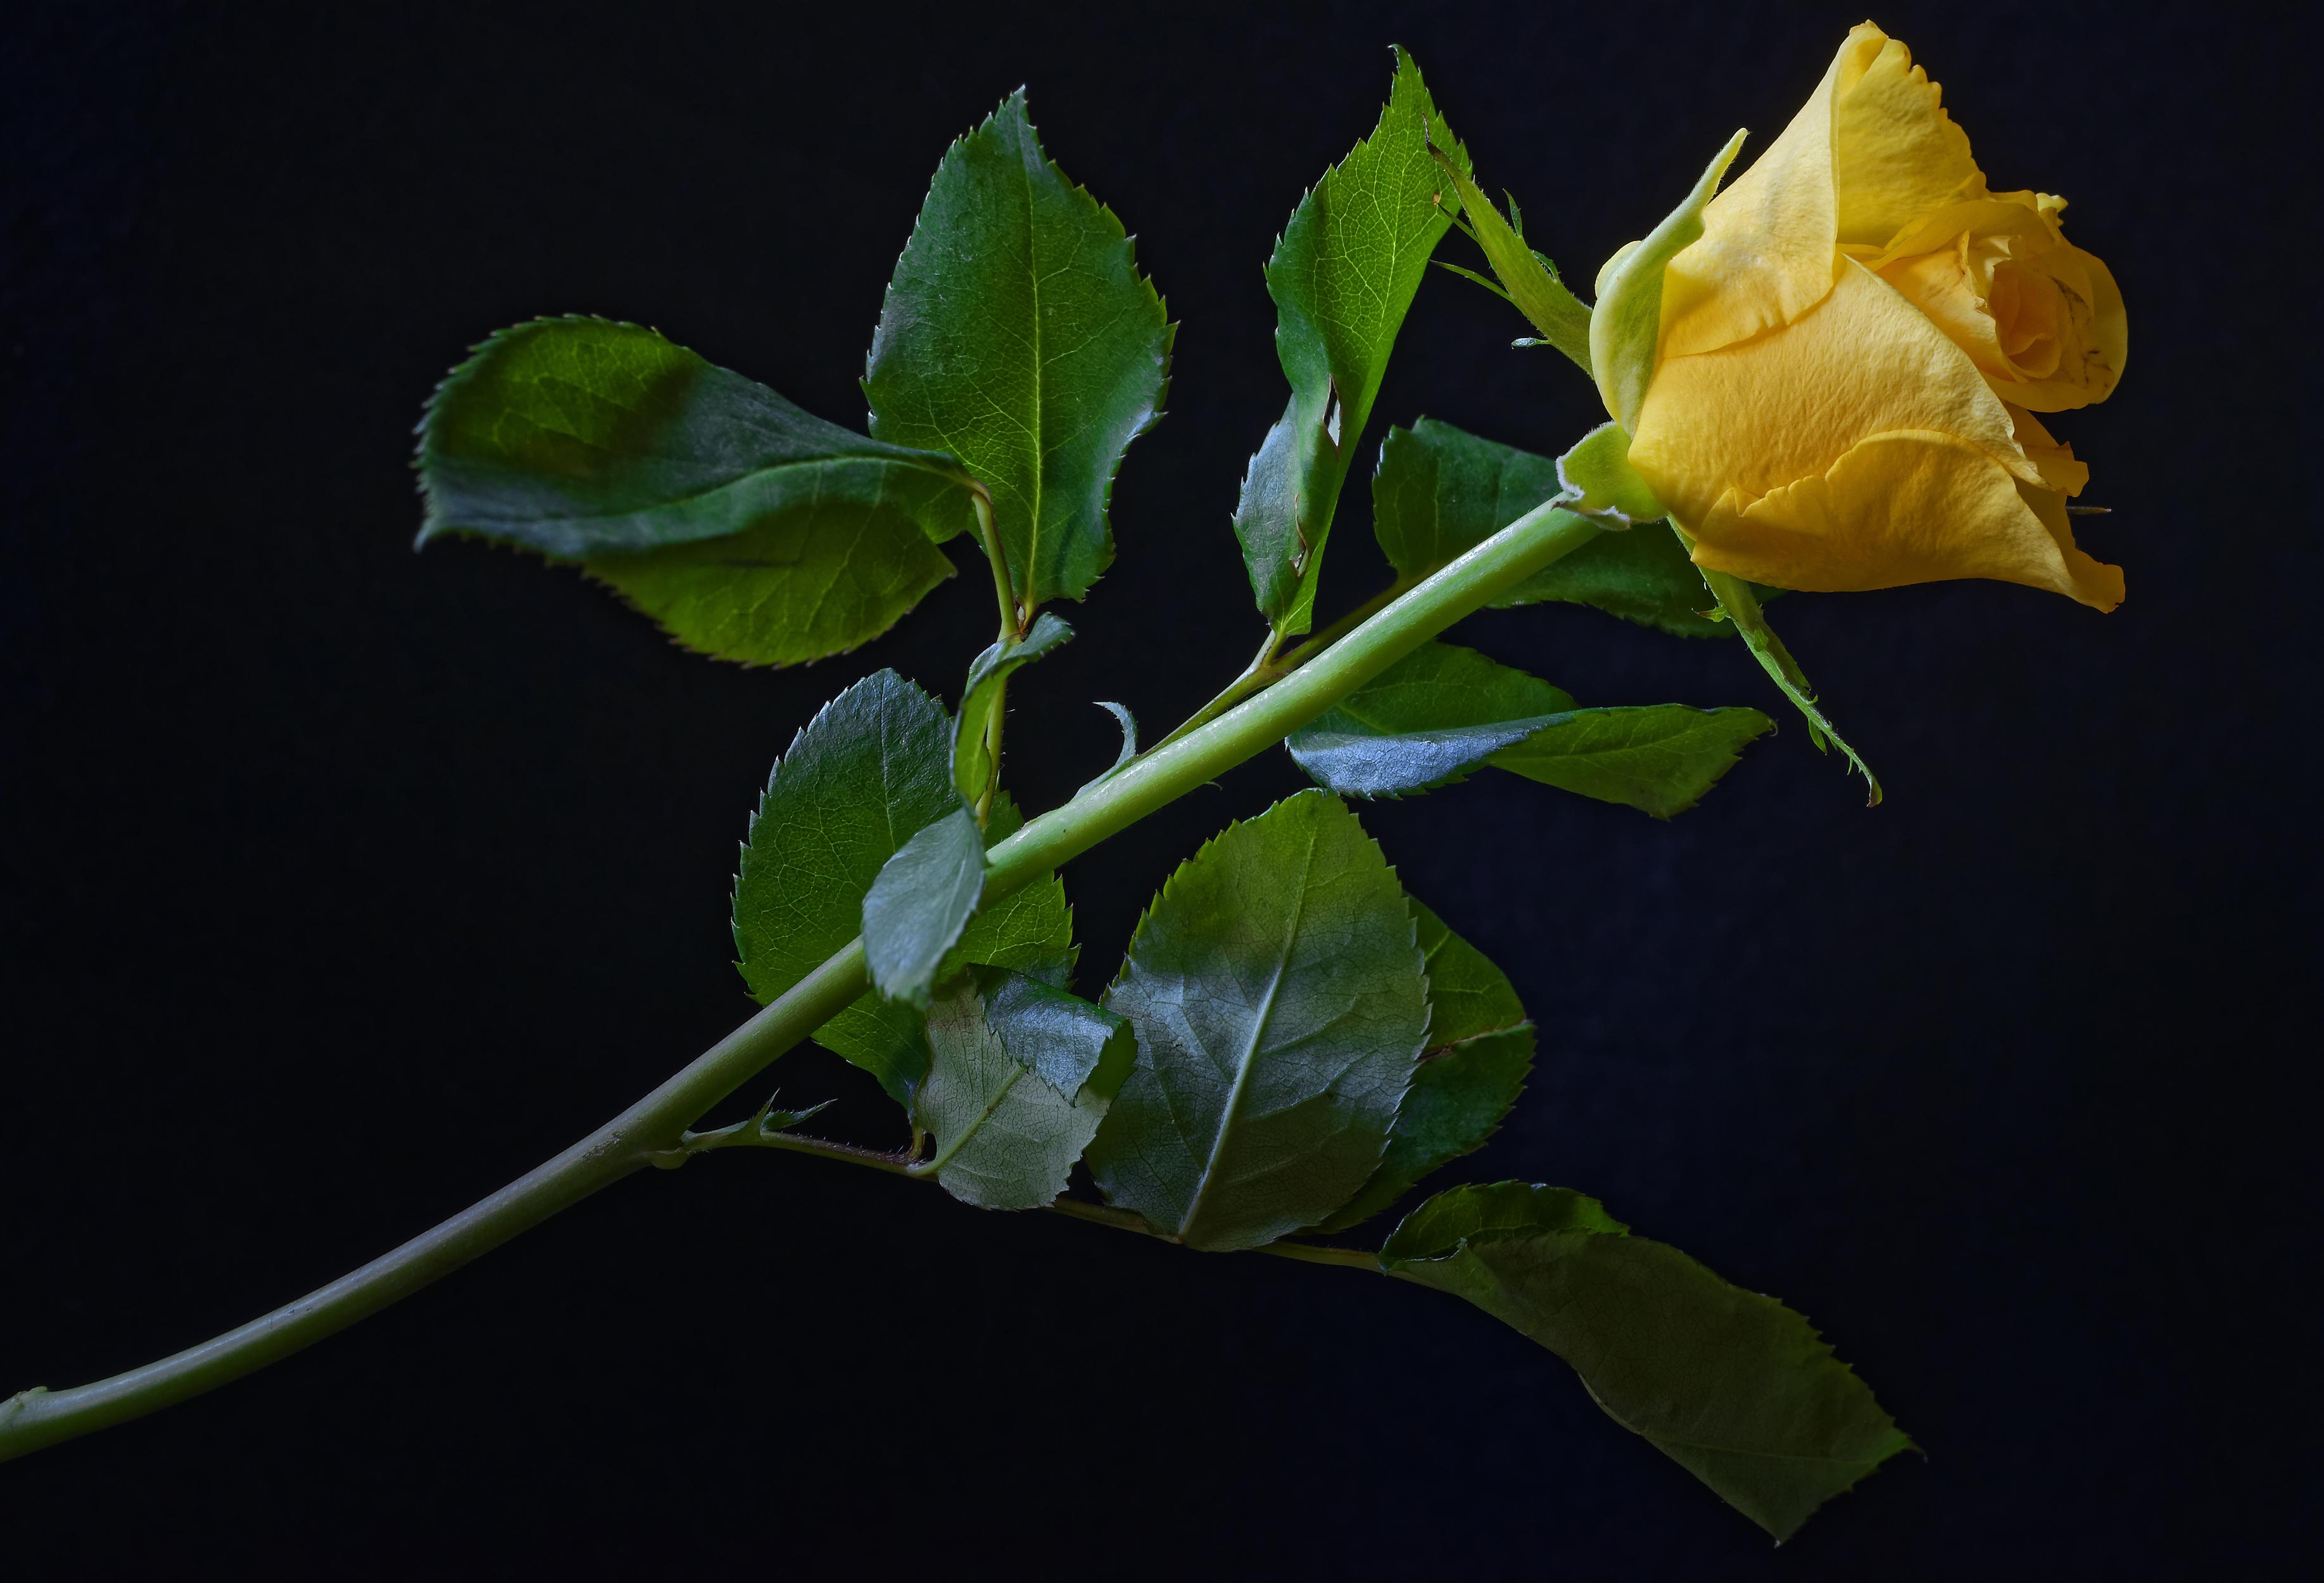 Картинки Розы Желтый Цветы Черный фон Крупным планом 3670x2500 желтых желтые желтая вблизи на черном фоне